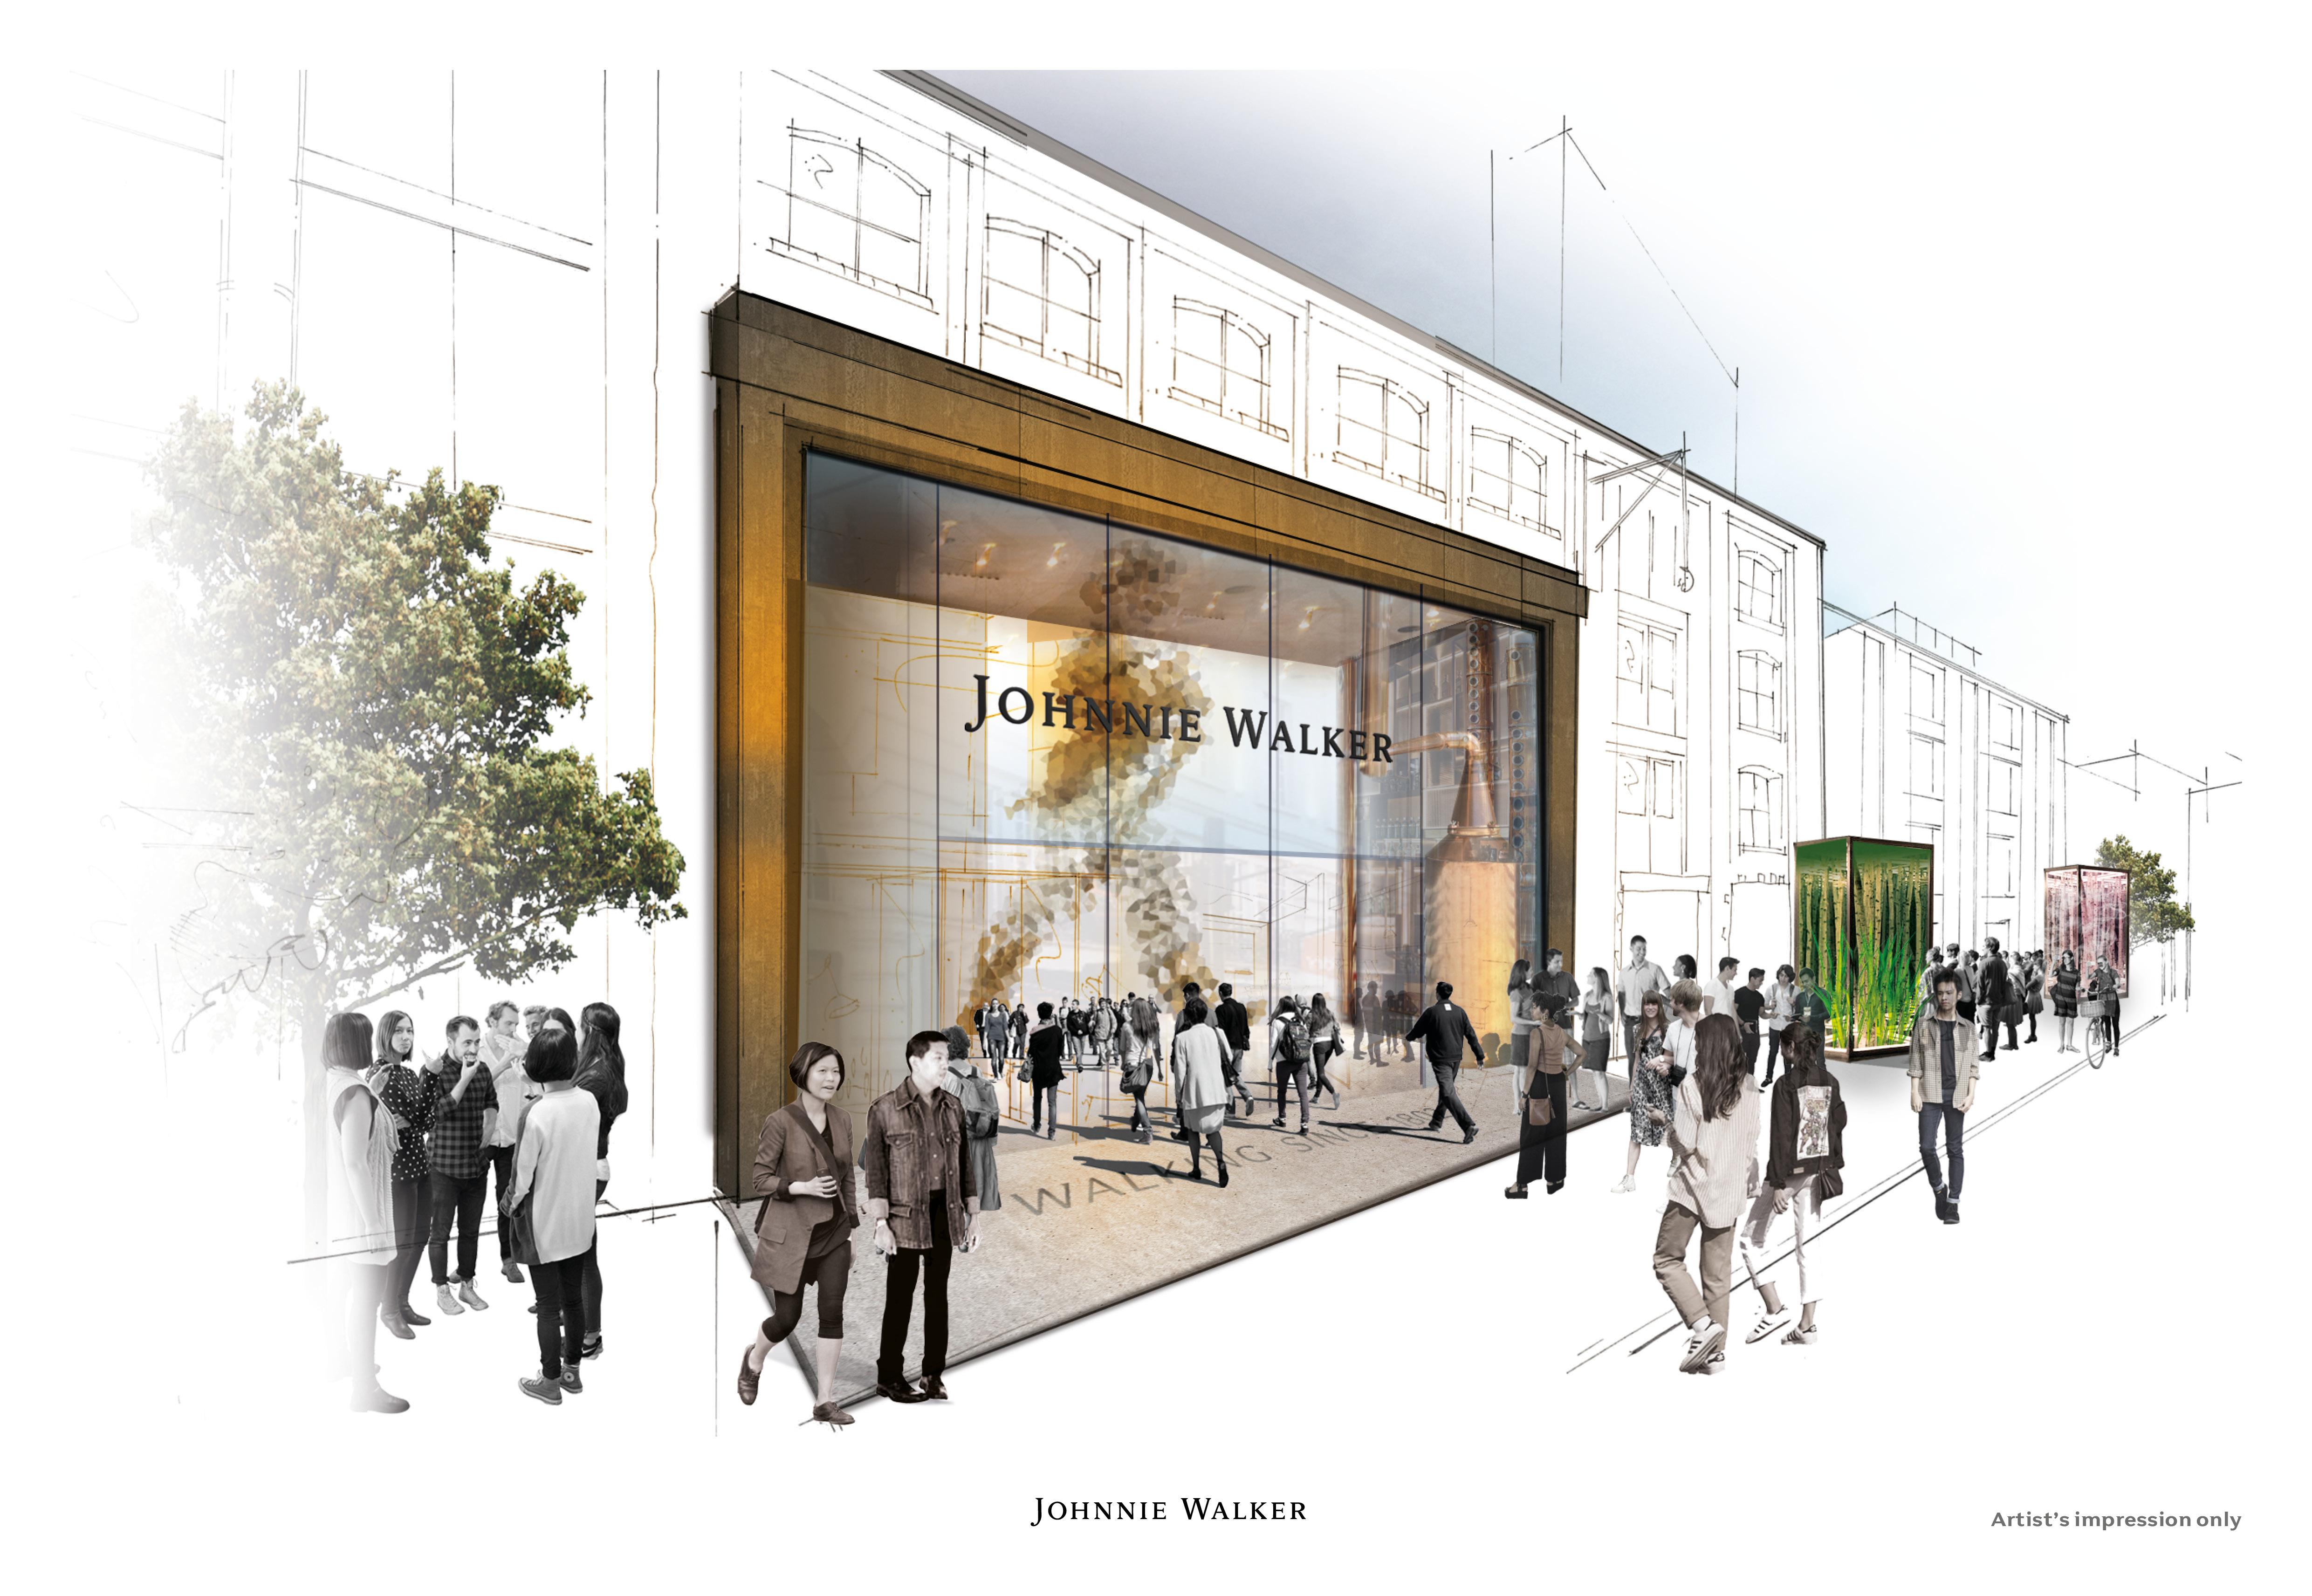 Johnnie Walker - Johnnie Walker invertirá USD $210 millones para remodelar 12 destilerías en Escocia